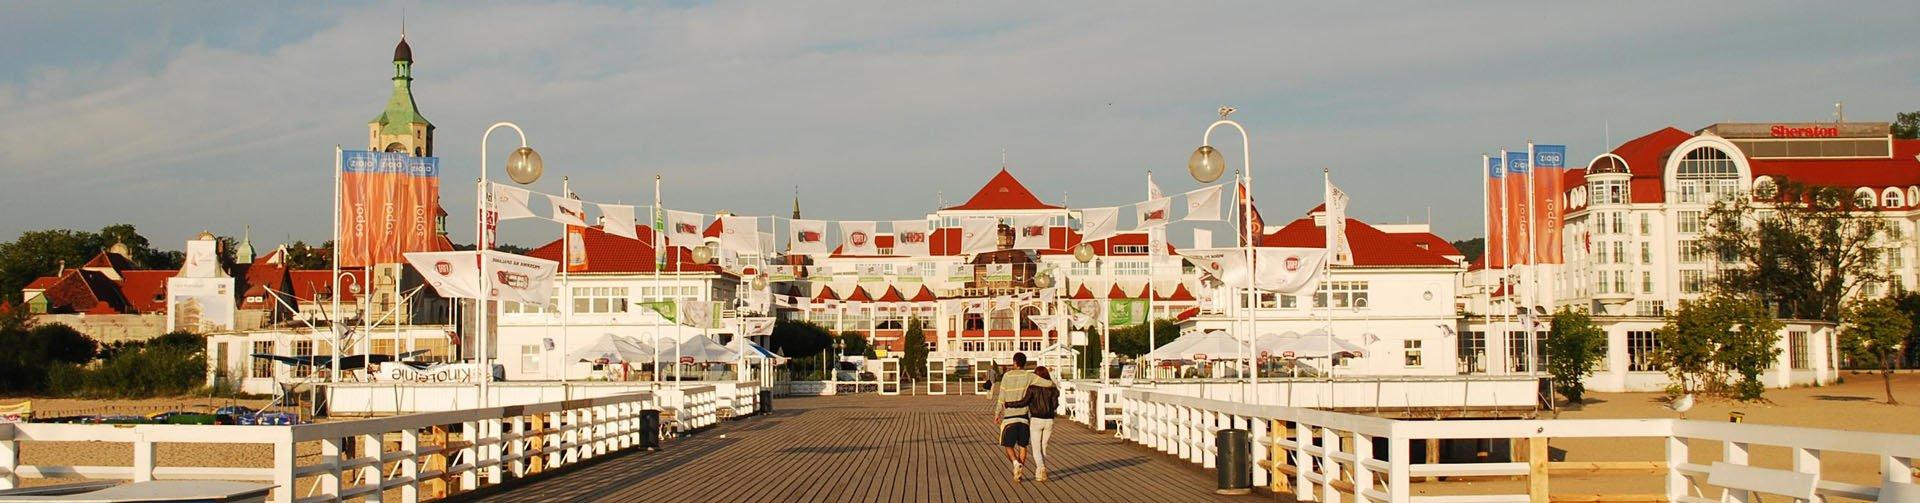 Polen, Pommeren - wandelen over de pier in Sopot